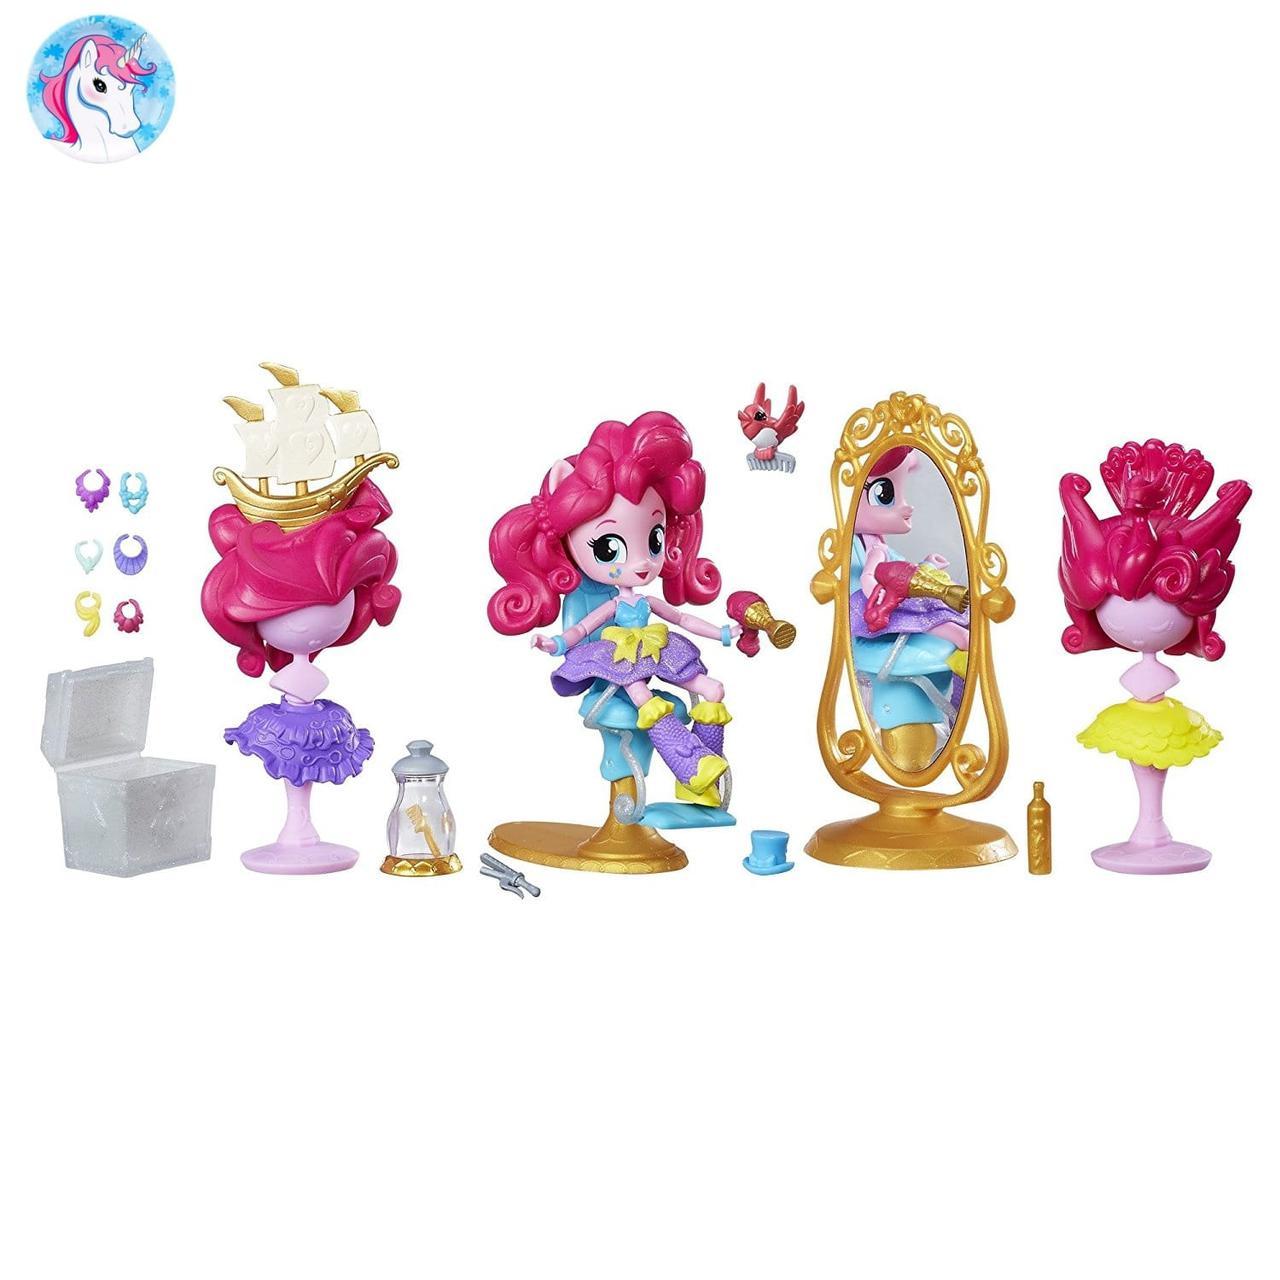 Игровой набор My Little Pony Пинки Пай салон красоты Pinkie Pie Salon -  Детские игрушки интернет 750cfff81fa